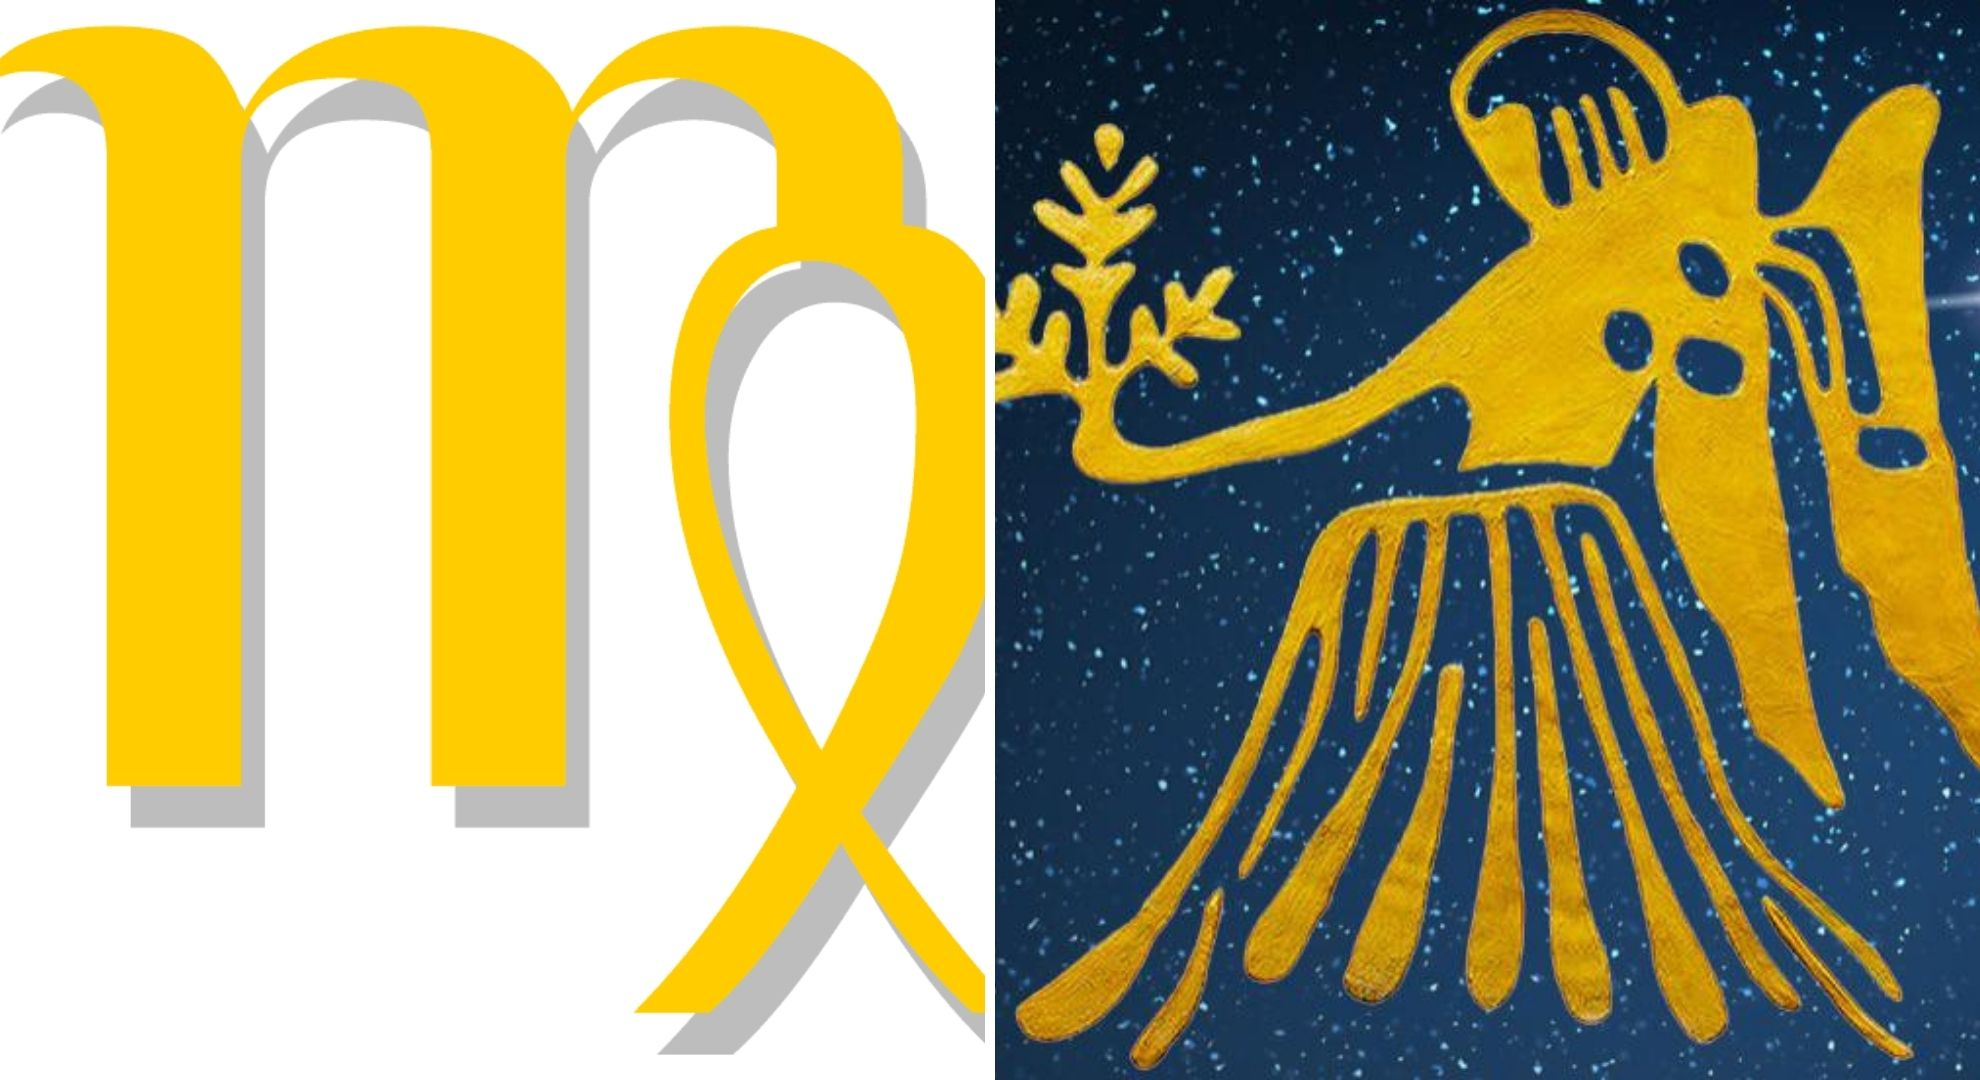 Horoscop 10 octombrie 2020. Fecioarele se enervează tare